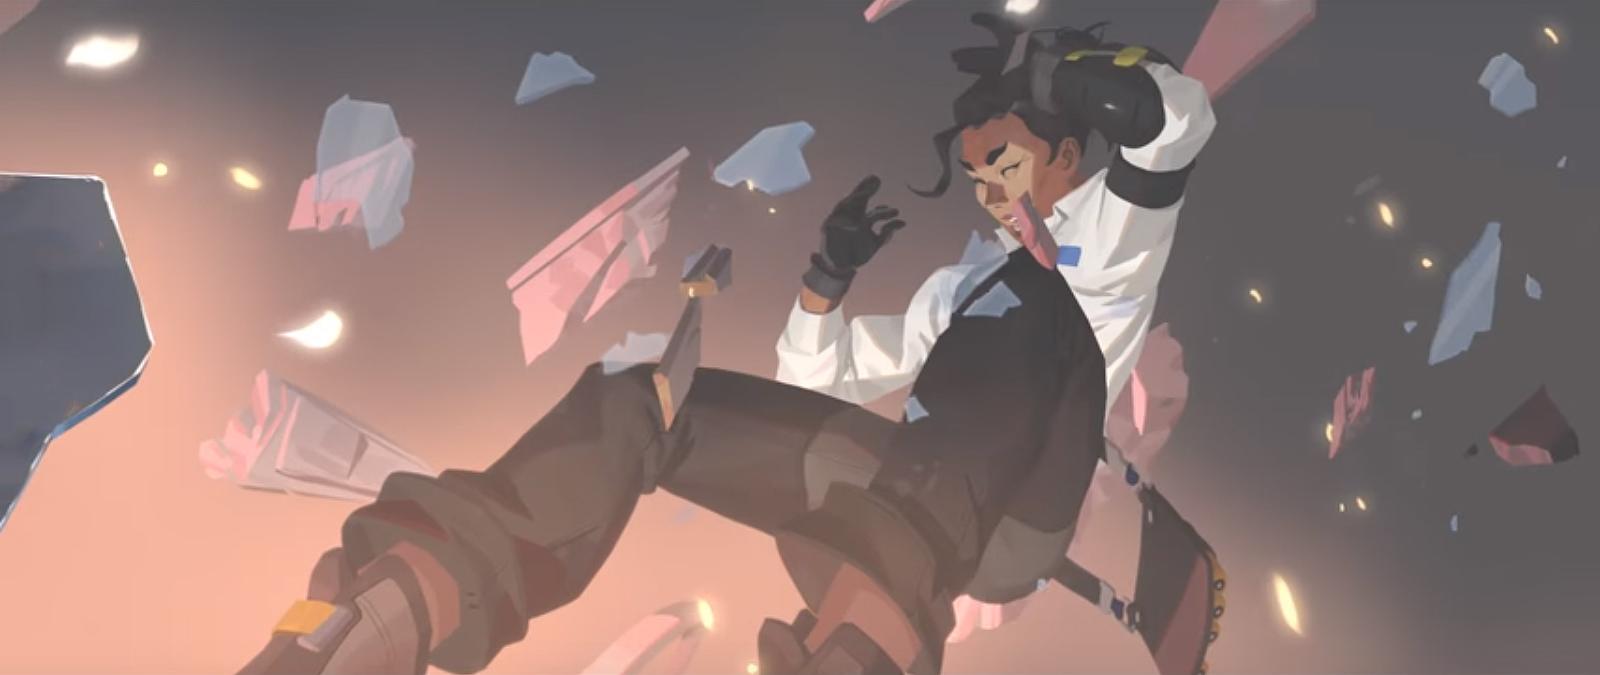 Le Dr Mina Liao fut tuée lors d'une attaque contre une des installations d'Overwatch